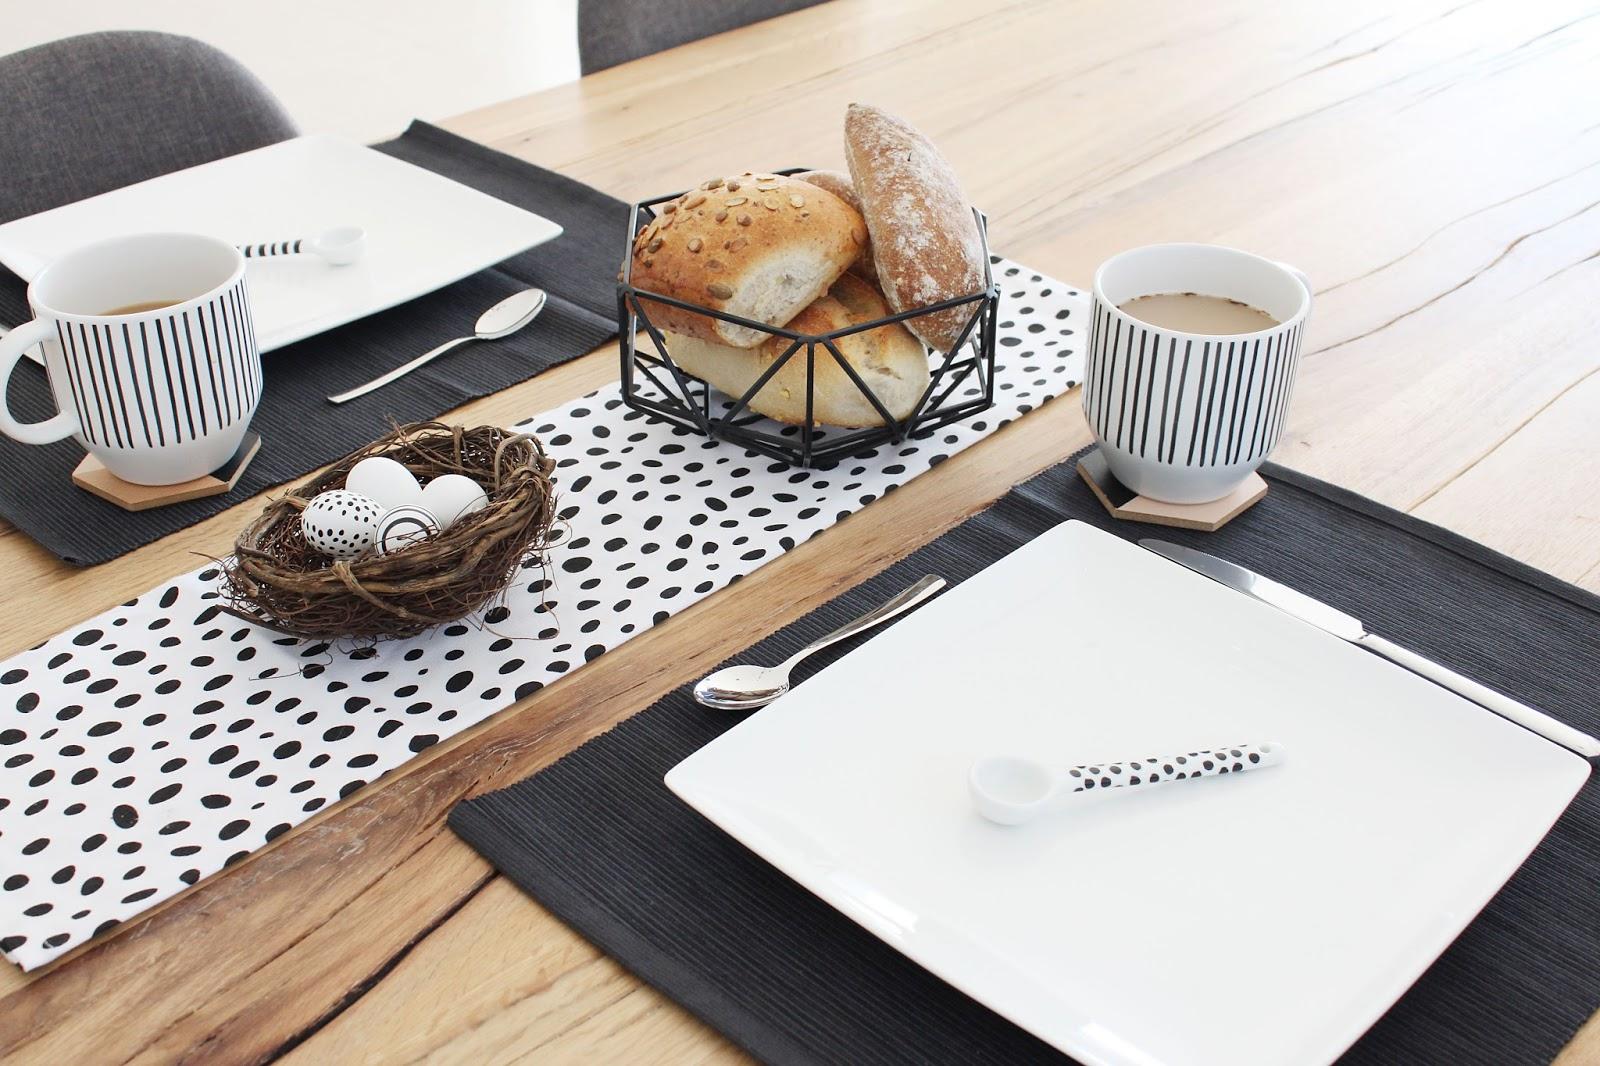 Leckeres Osterfrühstück im reduzierten schwarz weißen nordischen Stil